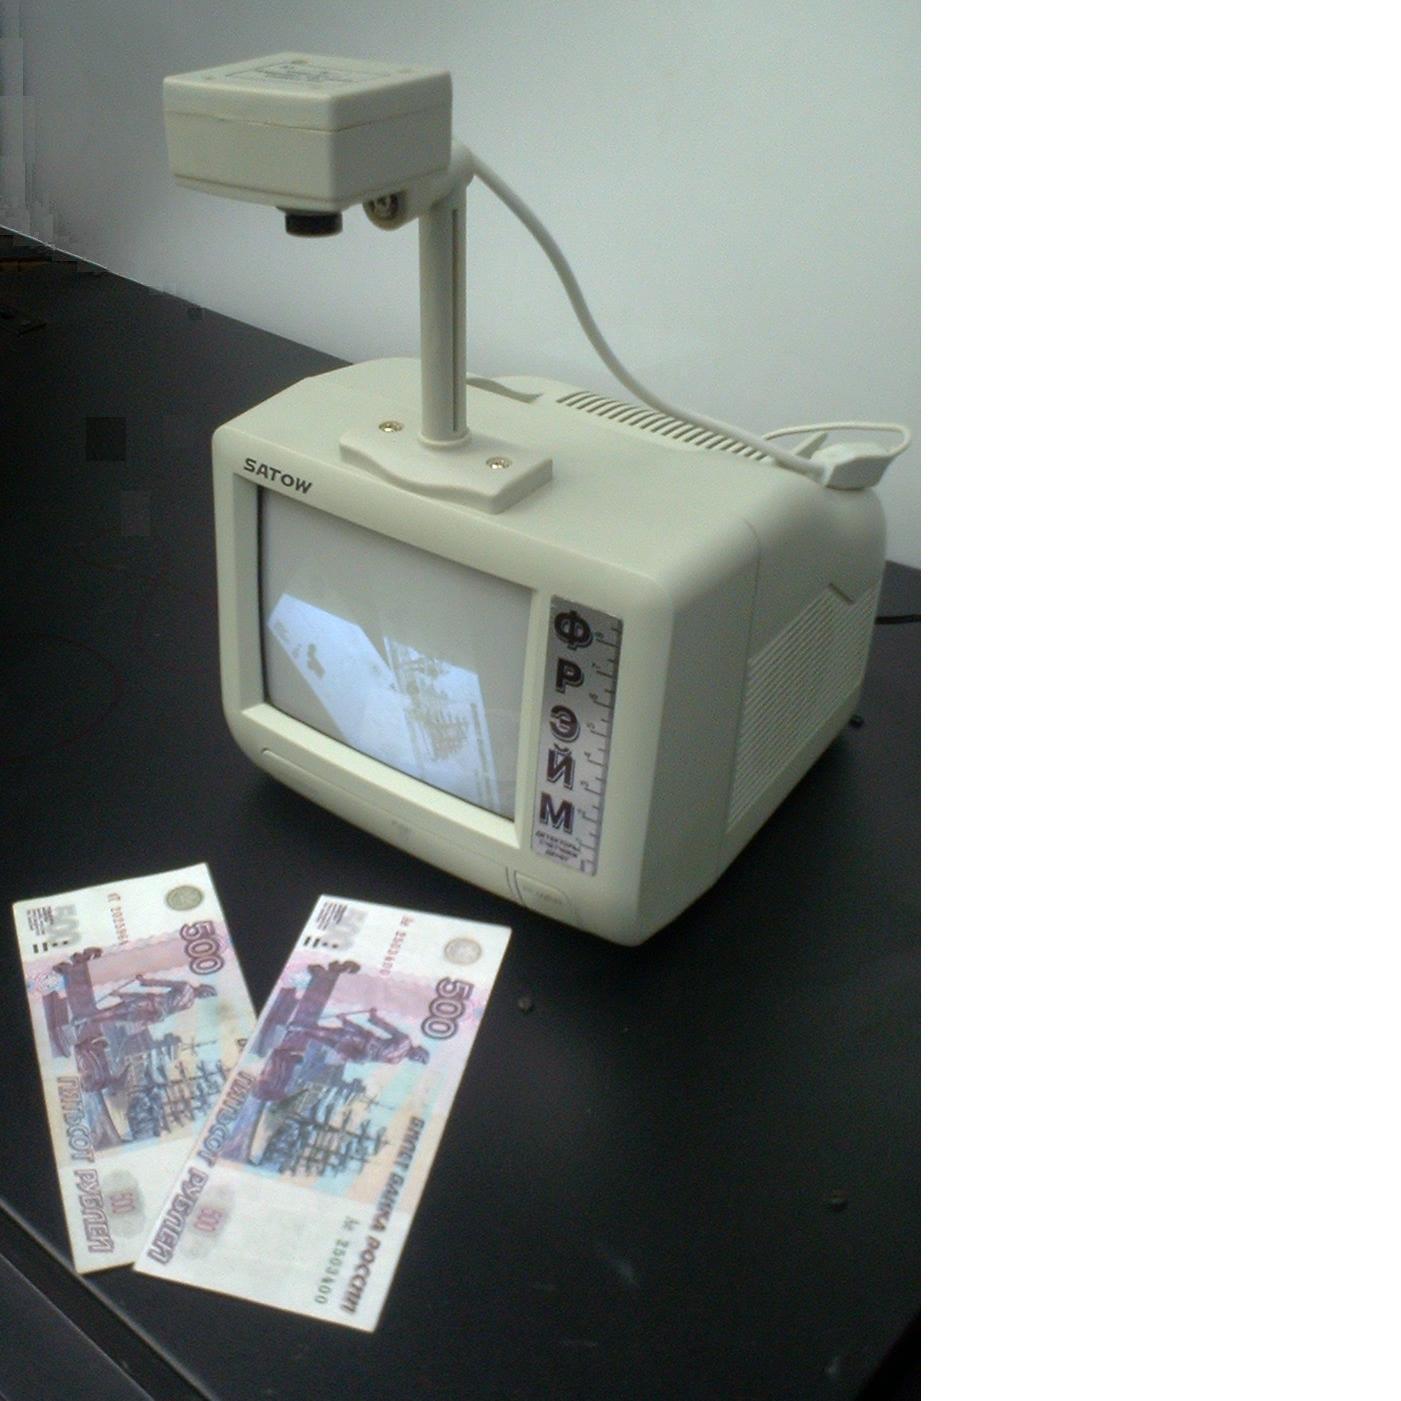 Детектор банкнот Фрэйм видео инфракрасный